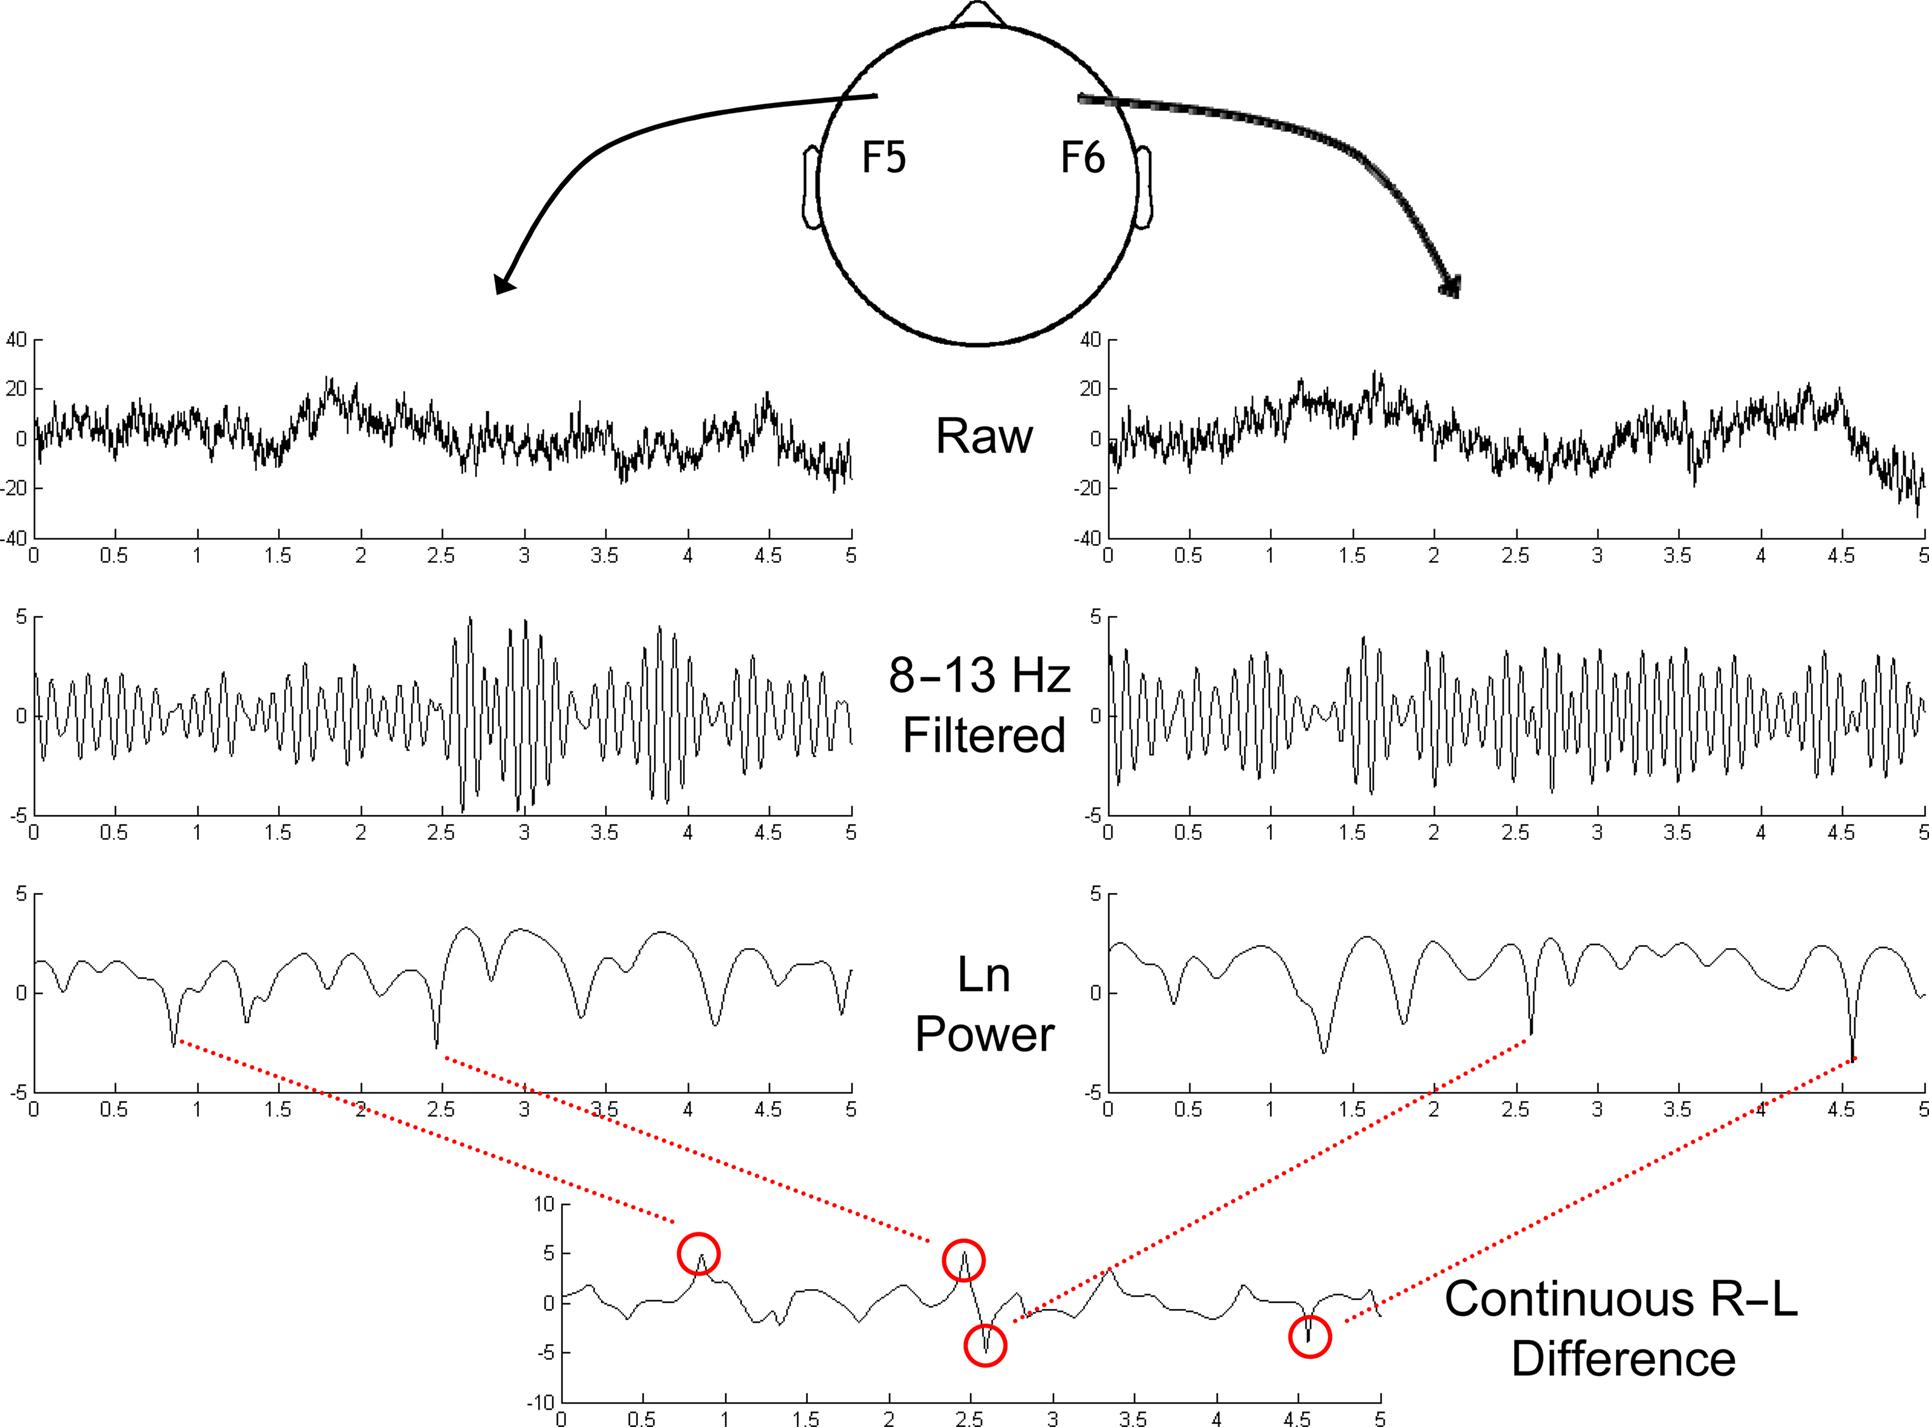 Frontiers Deconstructing The Resting State Exploring Block Diagram Of Eeg Figure 3 Schematic